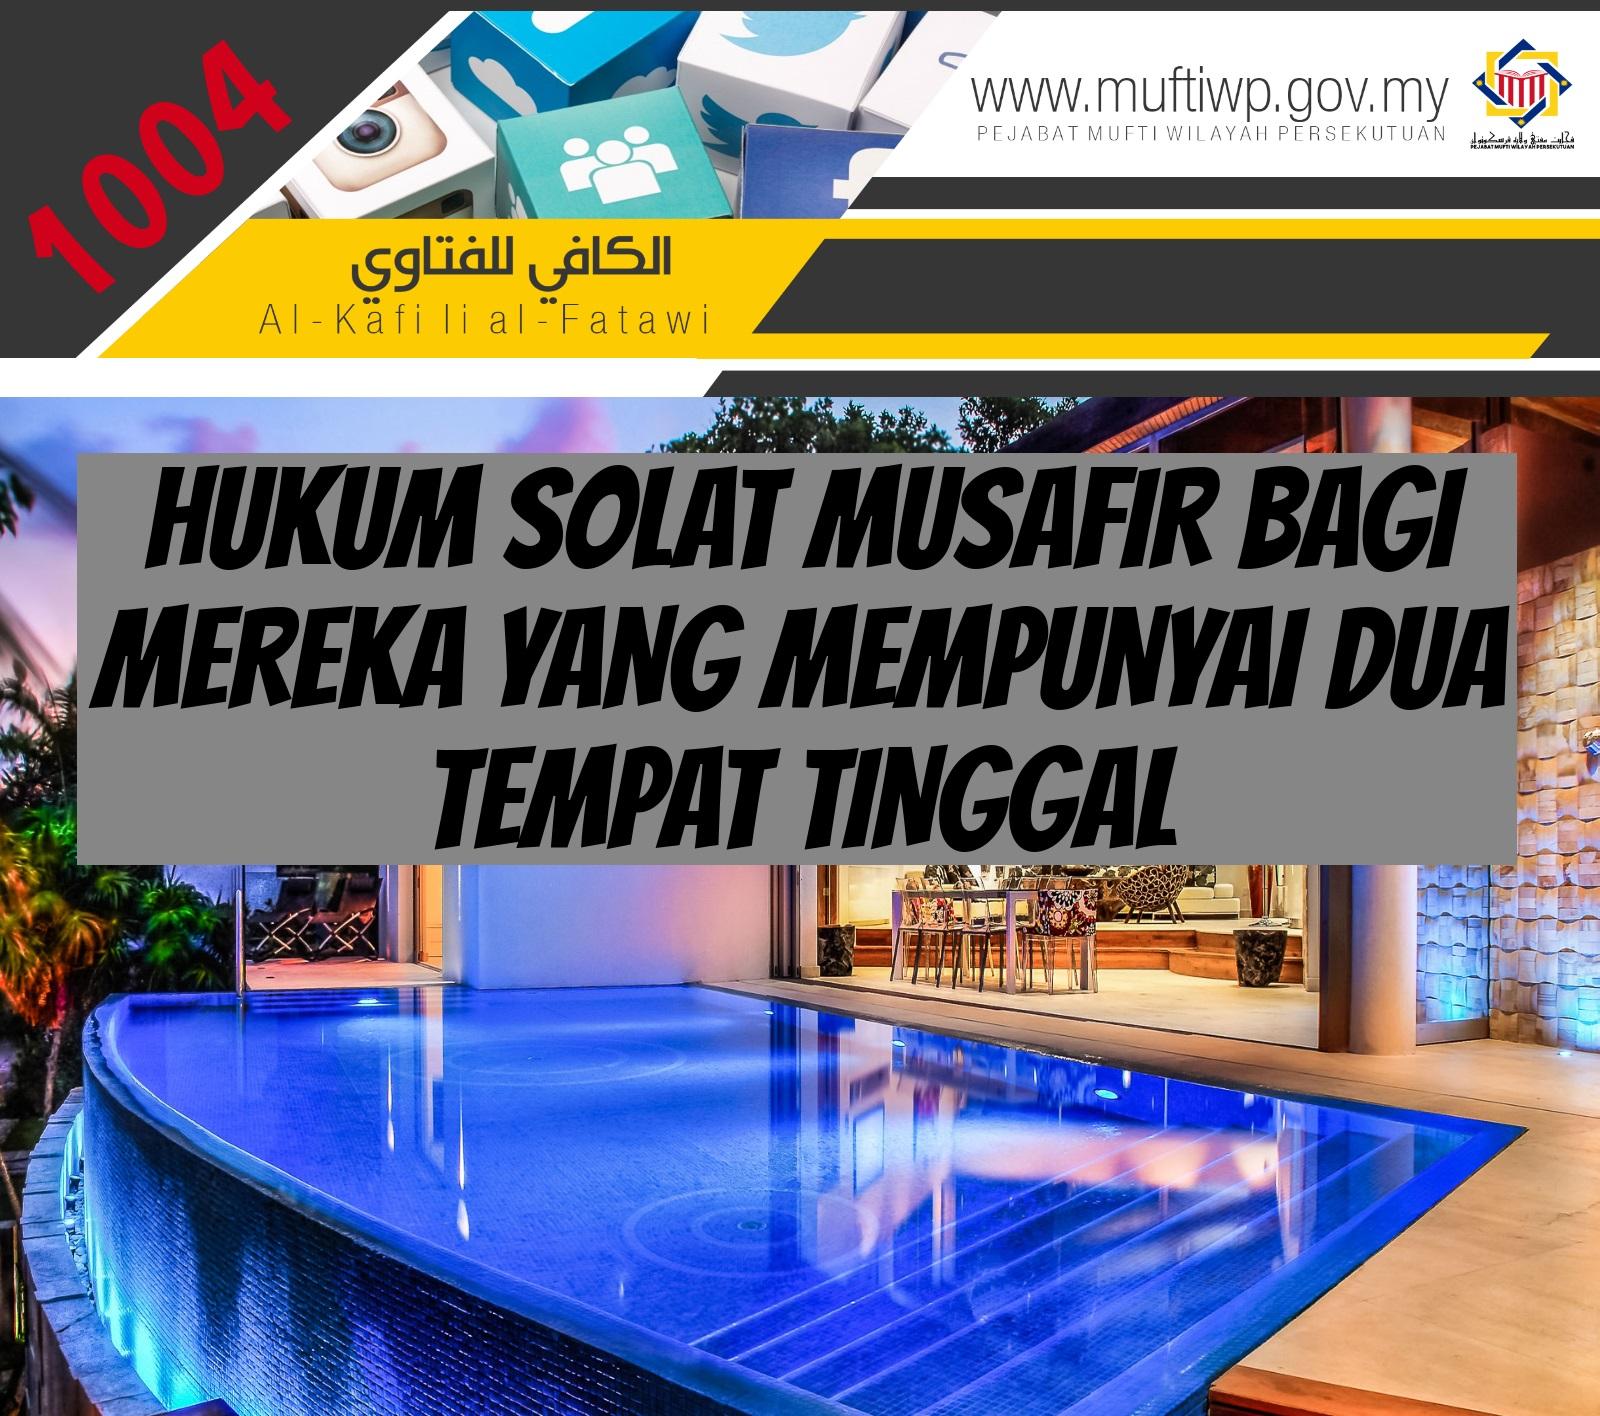 Pejabat Mufti Wilayah Persekutuan Al Kafi 1004 Hukum Solat Musafir Bagi Mereka Yang Mempunyai Dua Tempat Tinggal